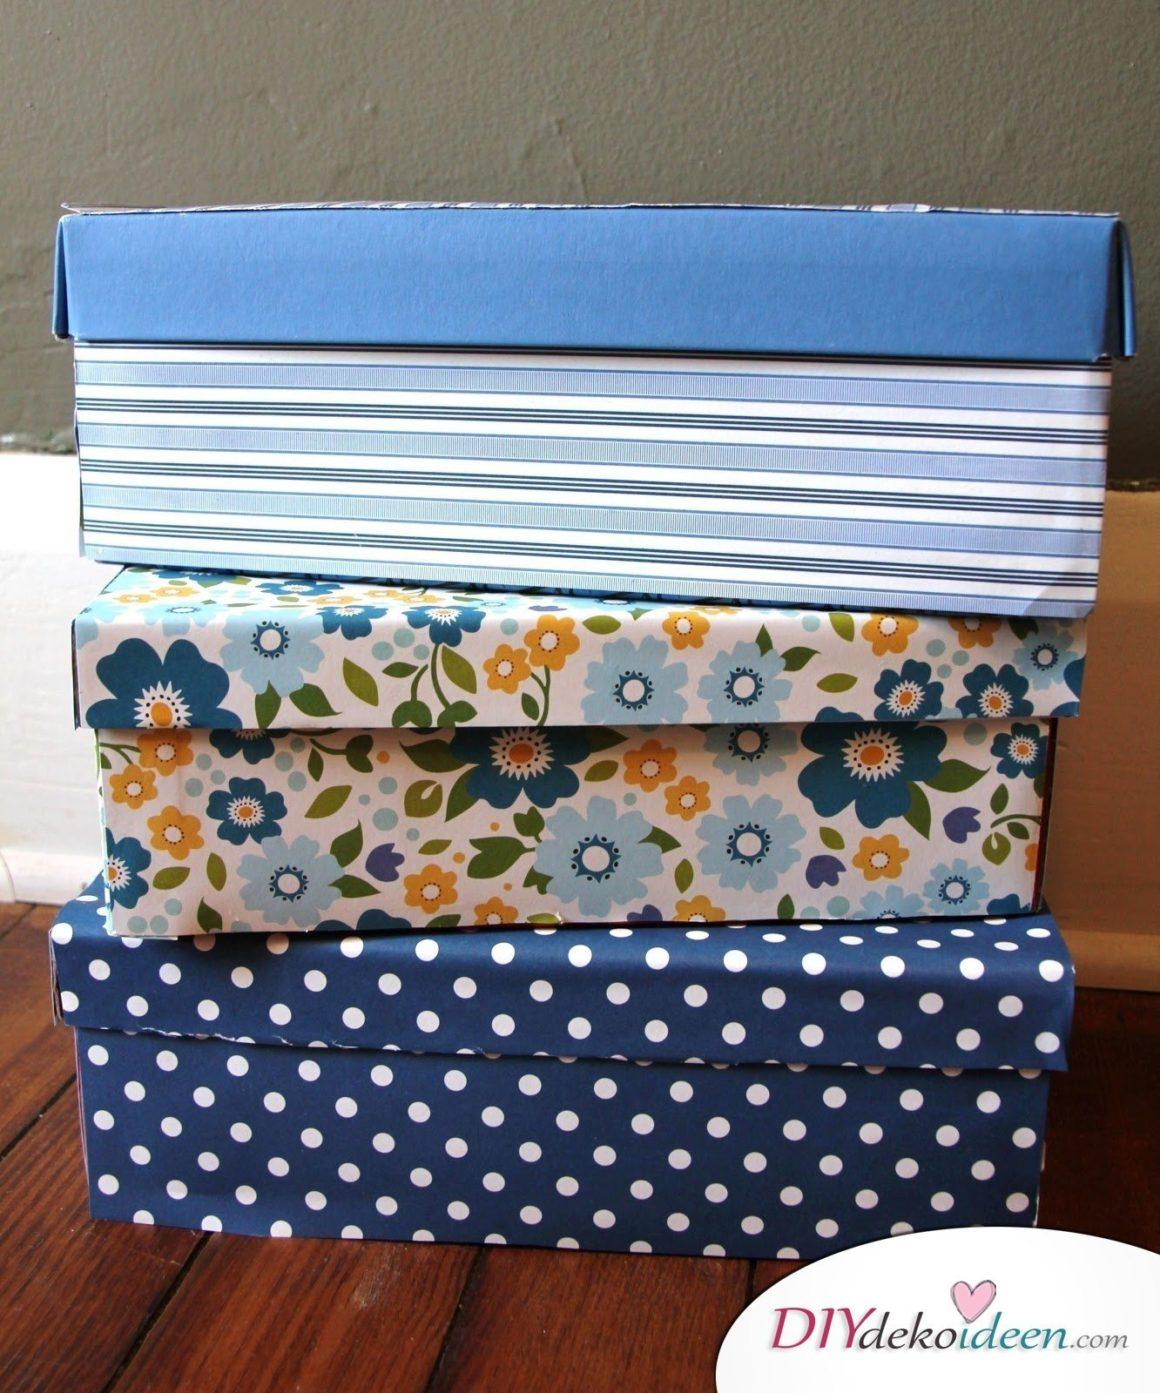 Christmas gift self-made gift box